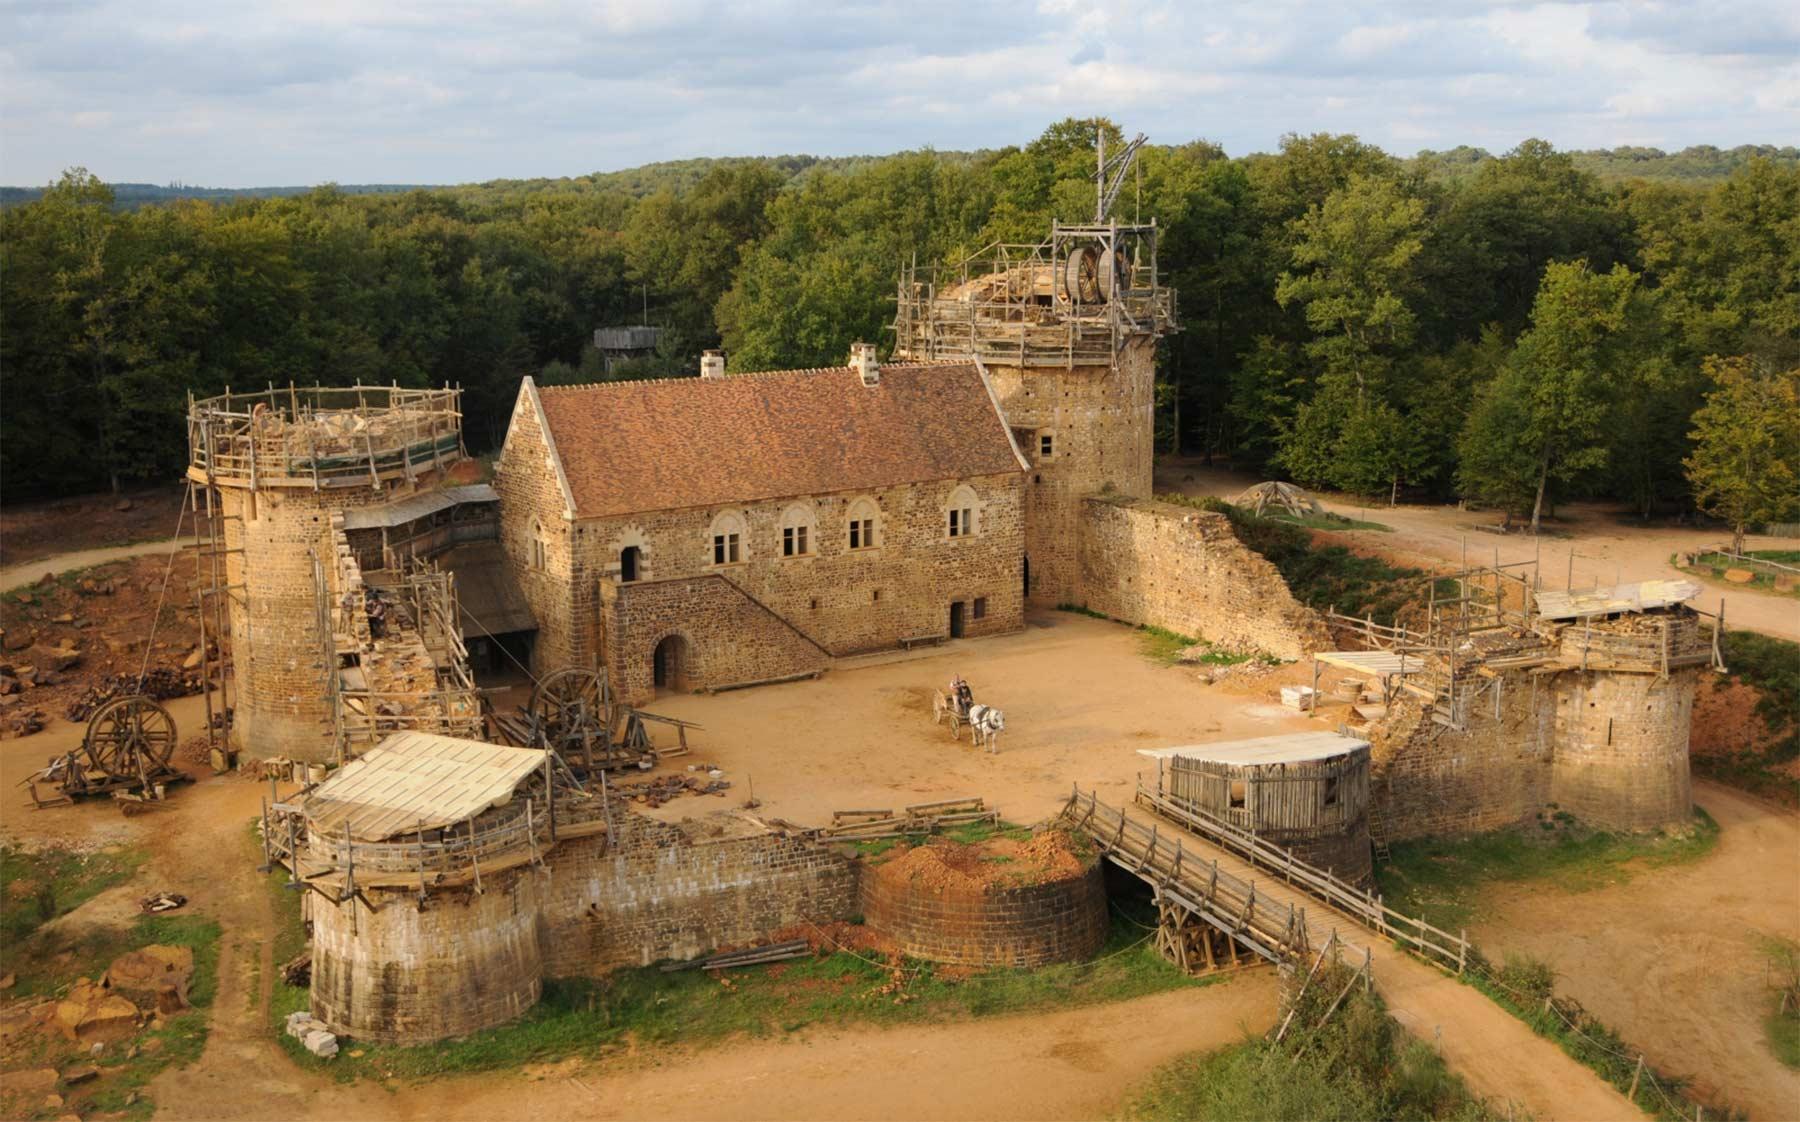 Diese Burg wird seit 20 Jahren mit mittelalterlichen Mitteln erbaut schloss-Guedelon_01